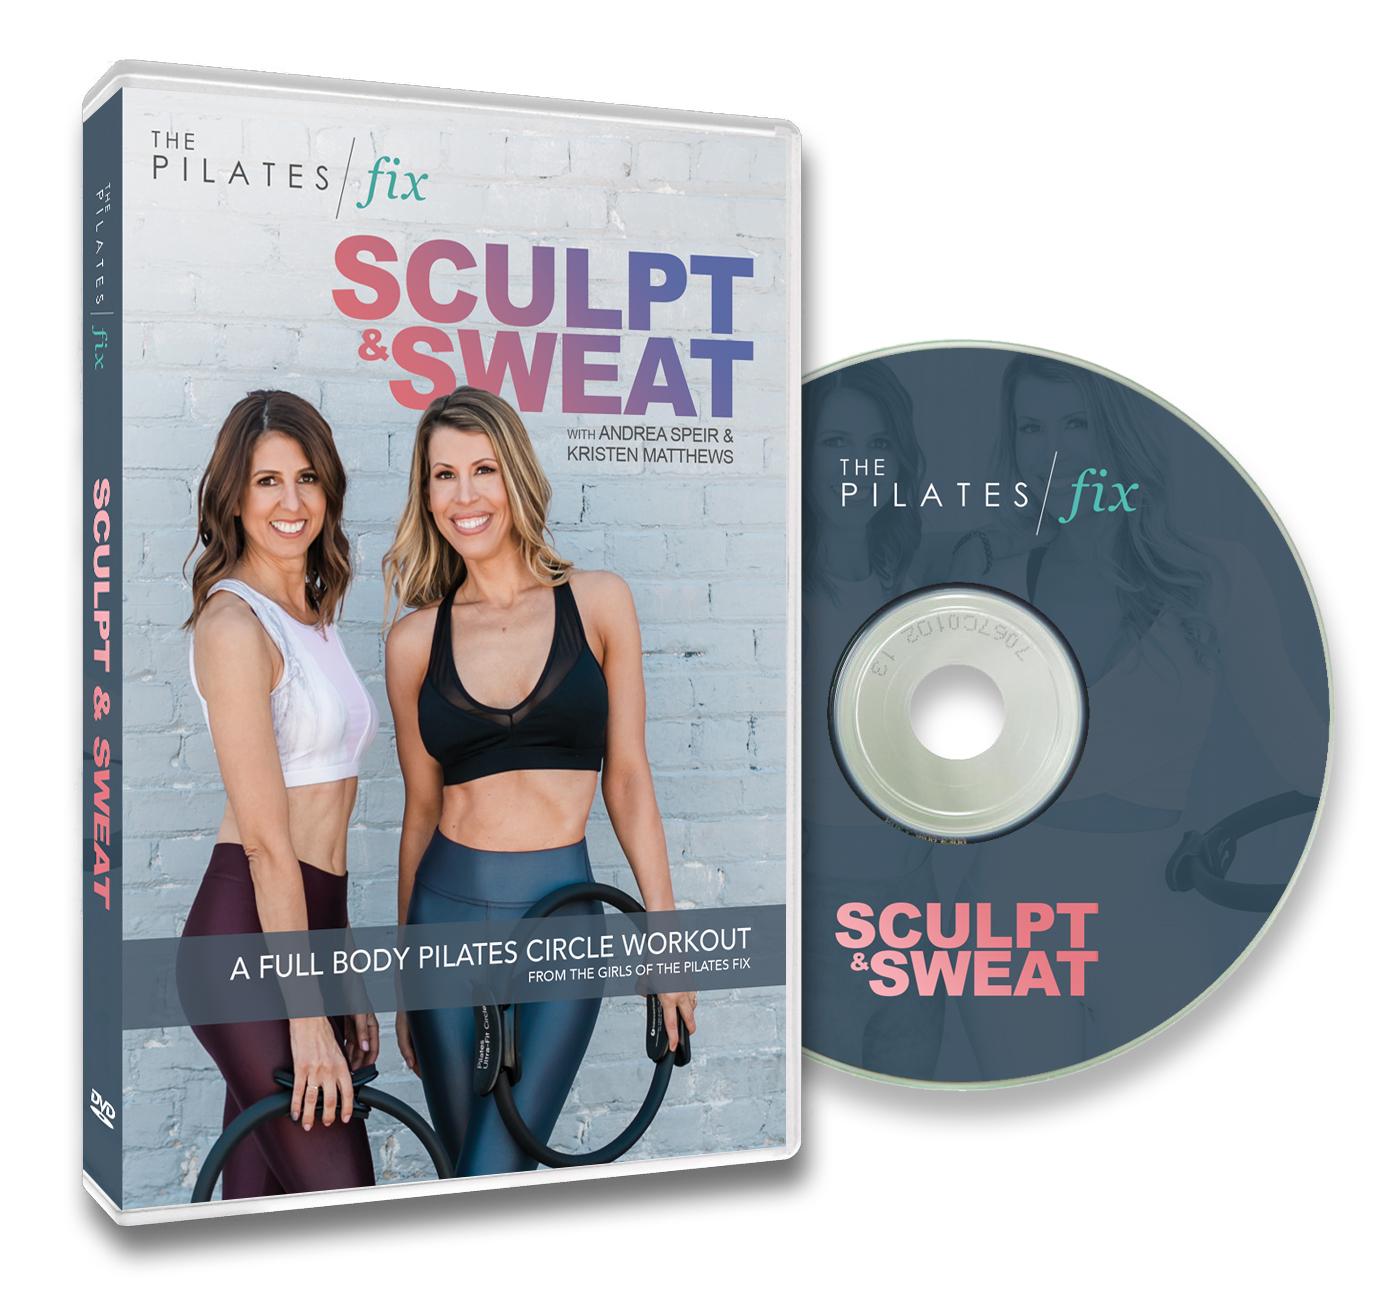 Sculpt & Sweat 3D DVD Case & Disc.jpg